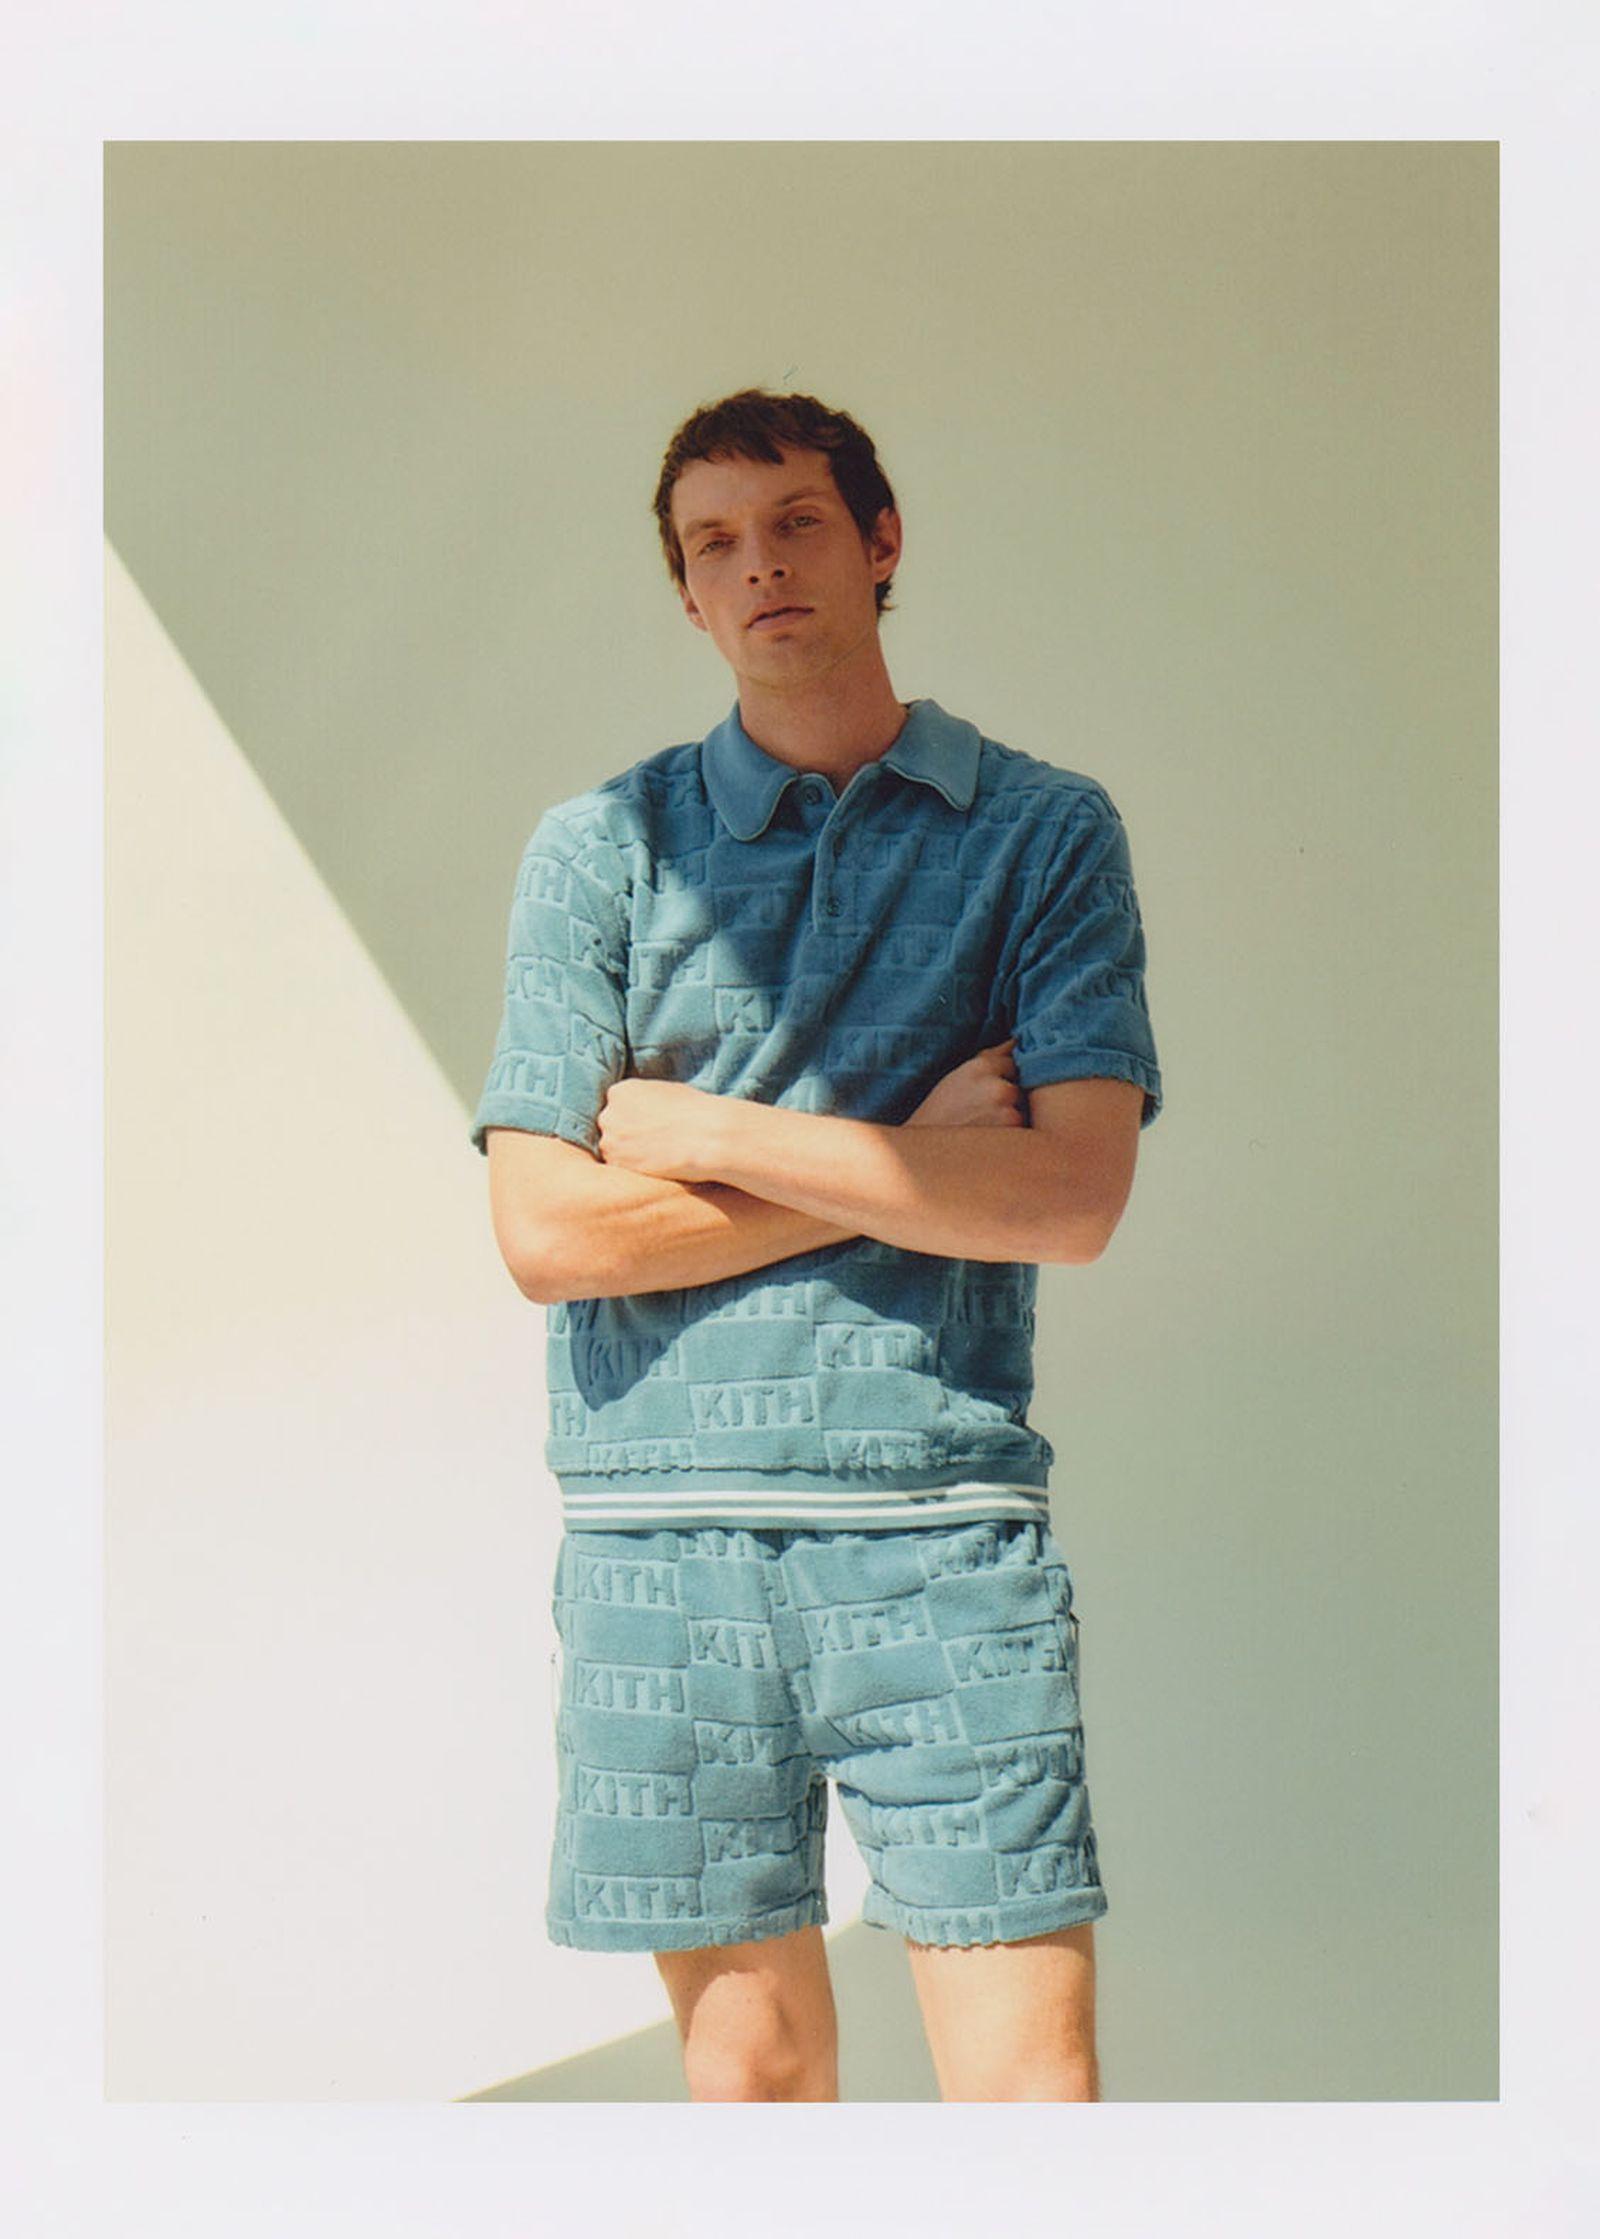 ronnie-fieg-clarks-originals-8th-street-lookbook-05